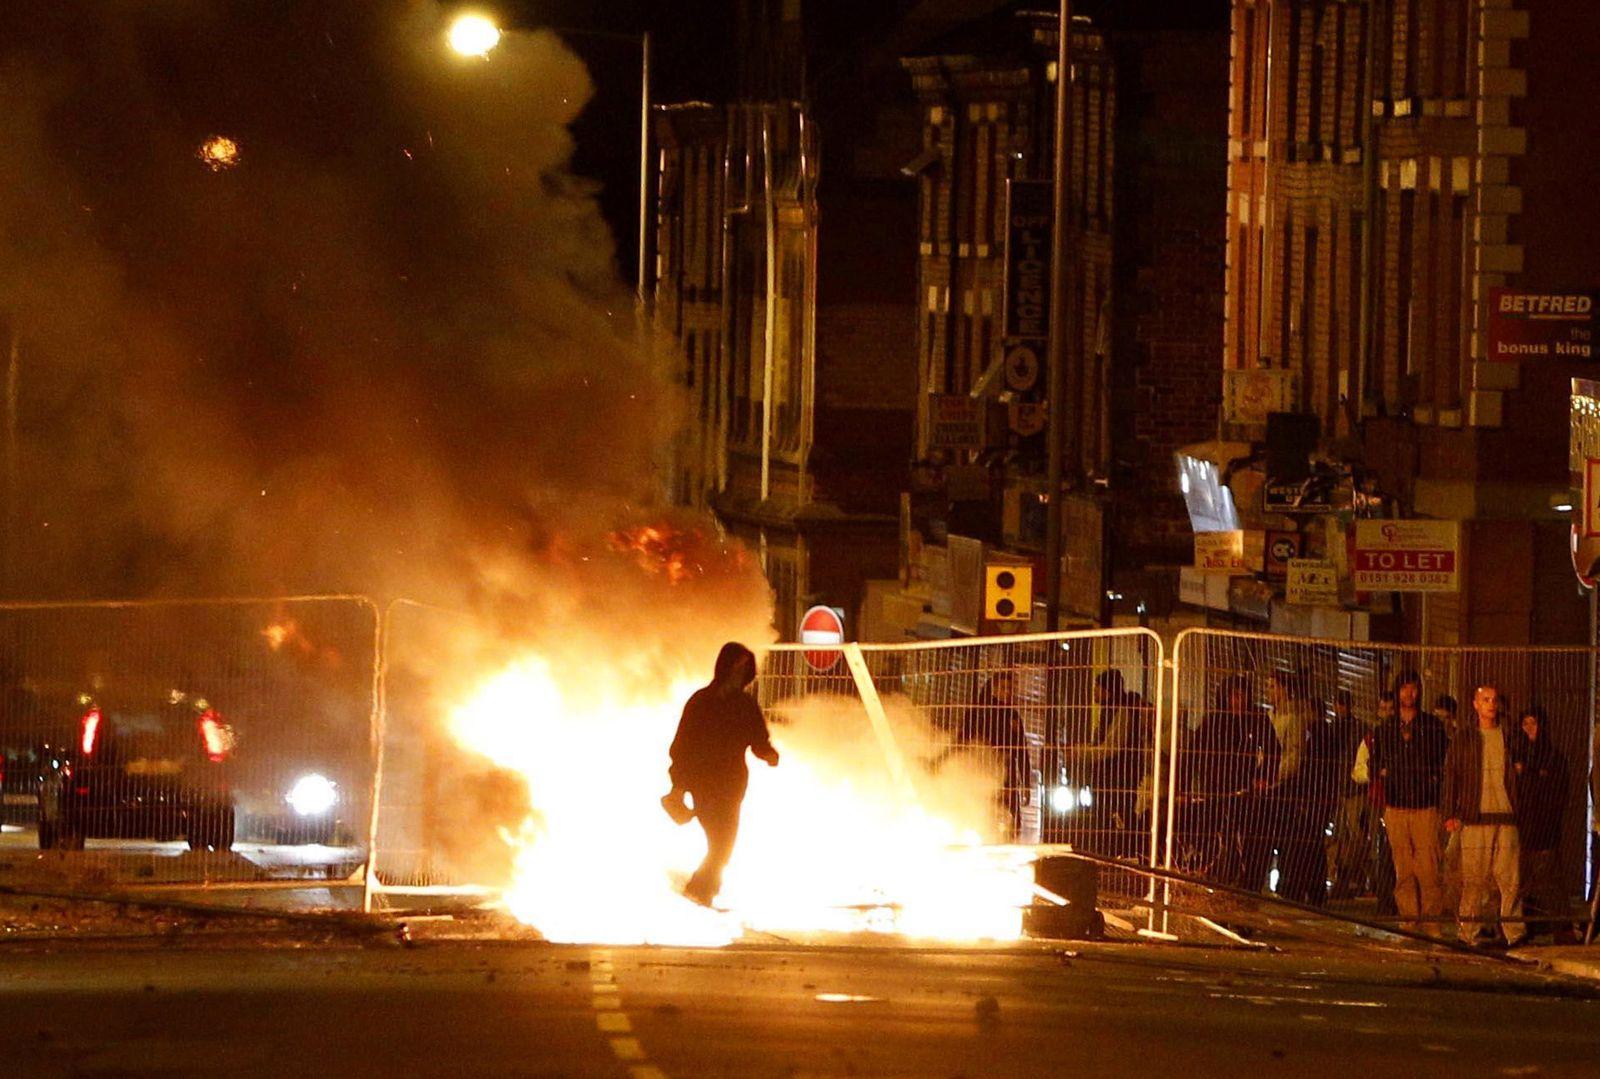 Riots Liverpool